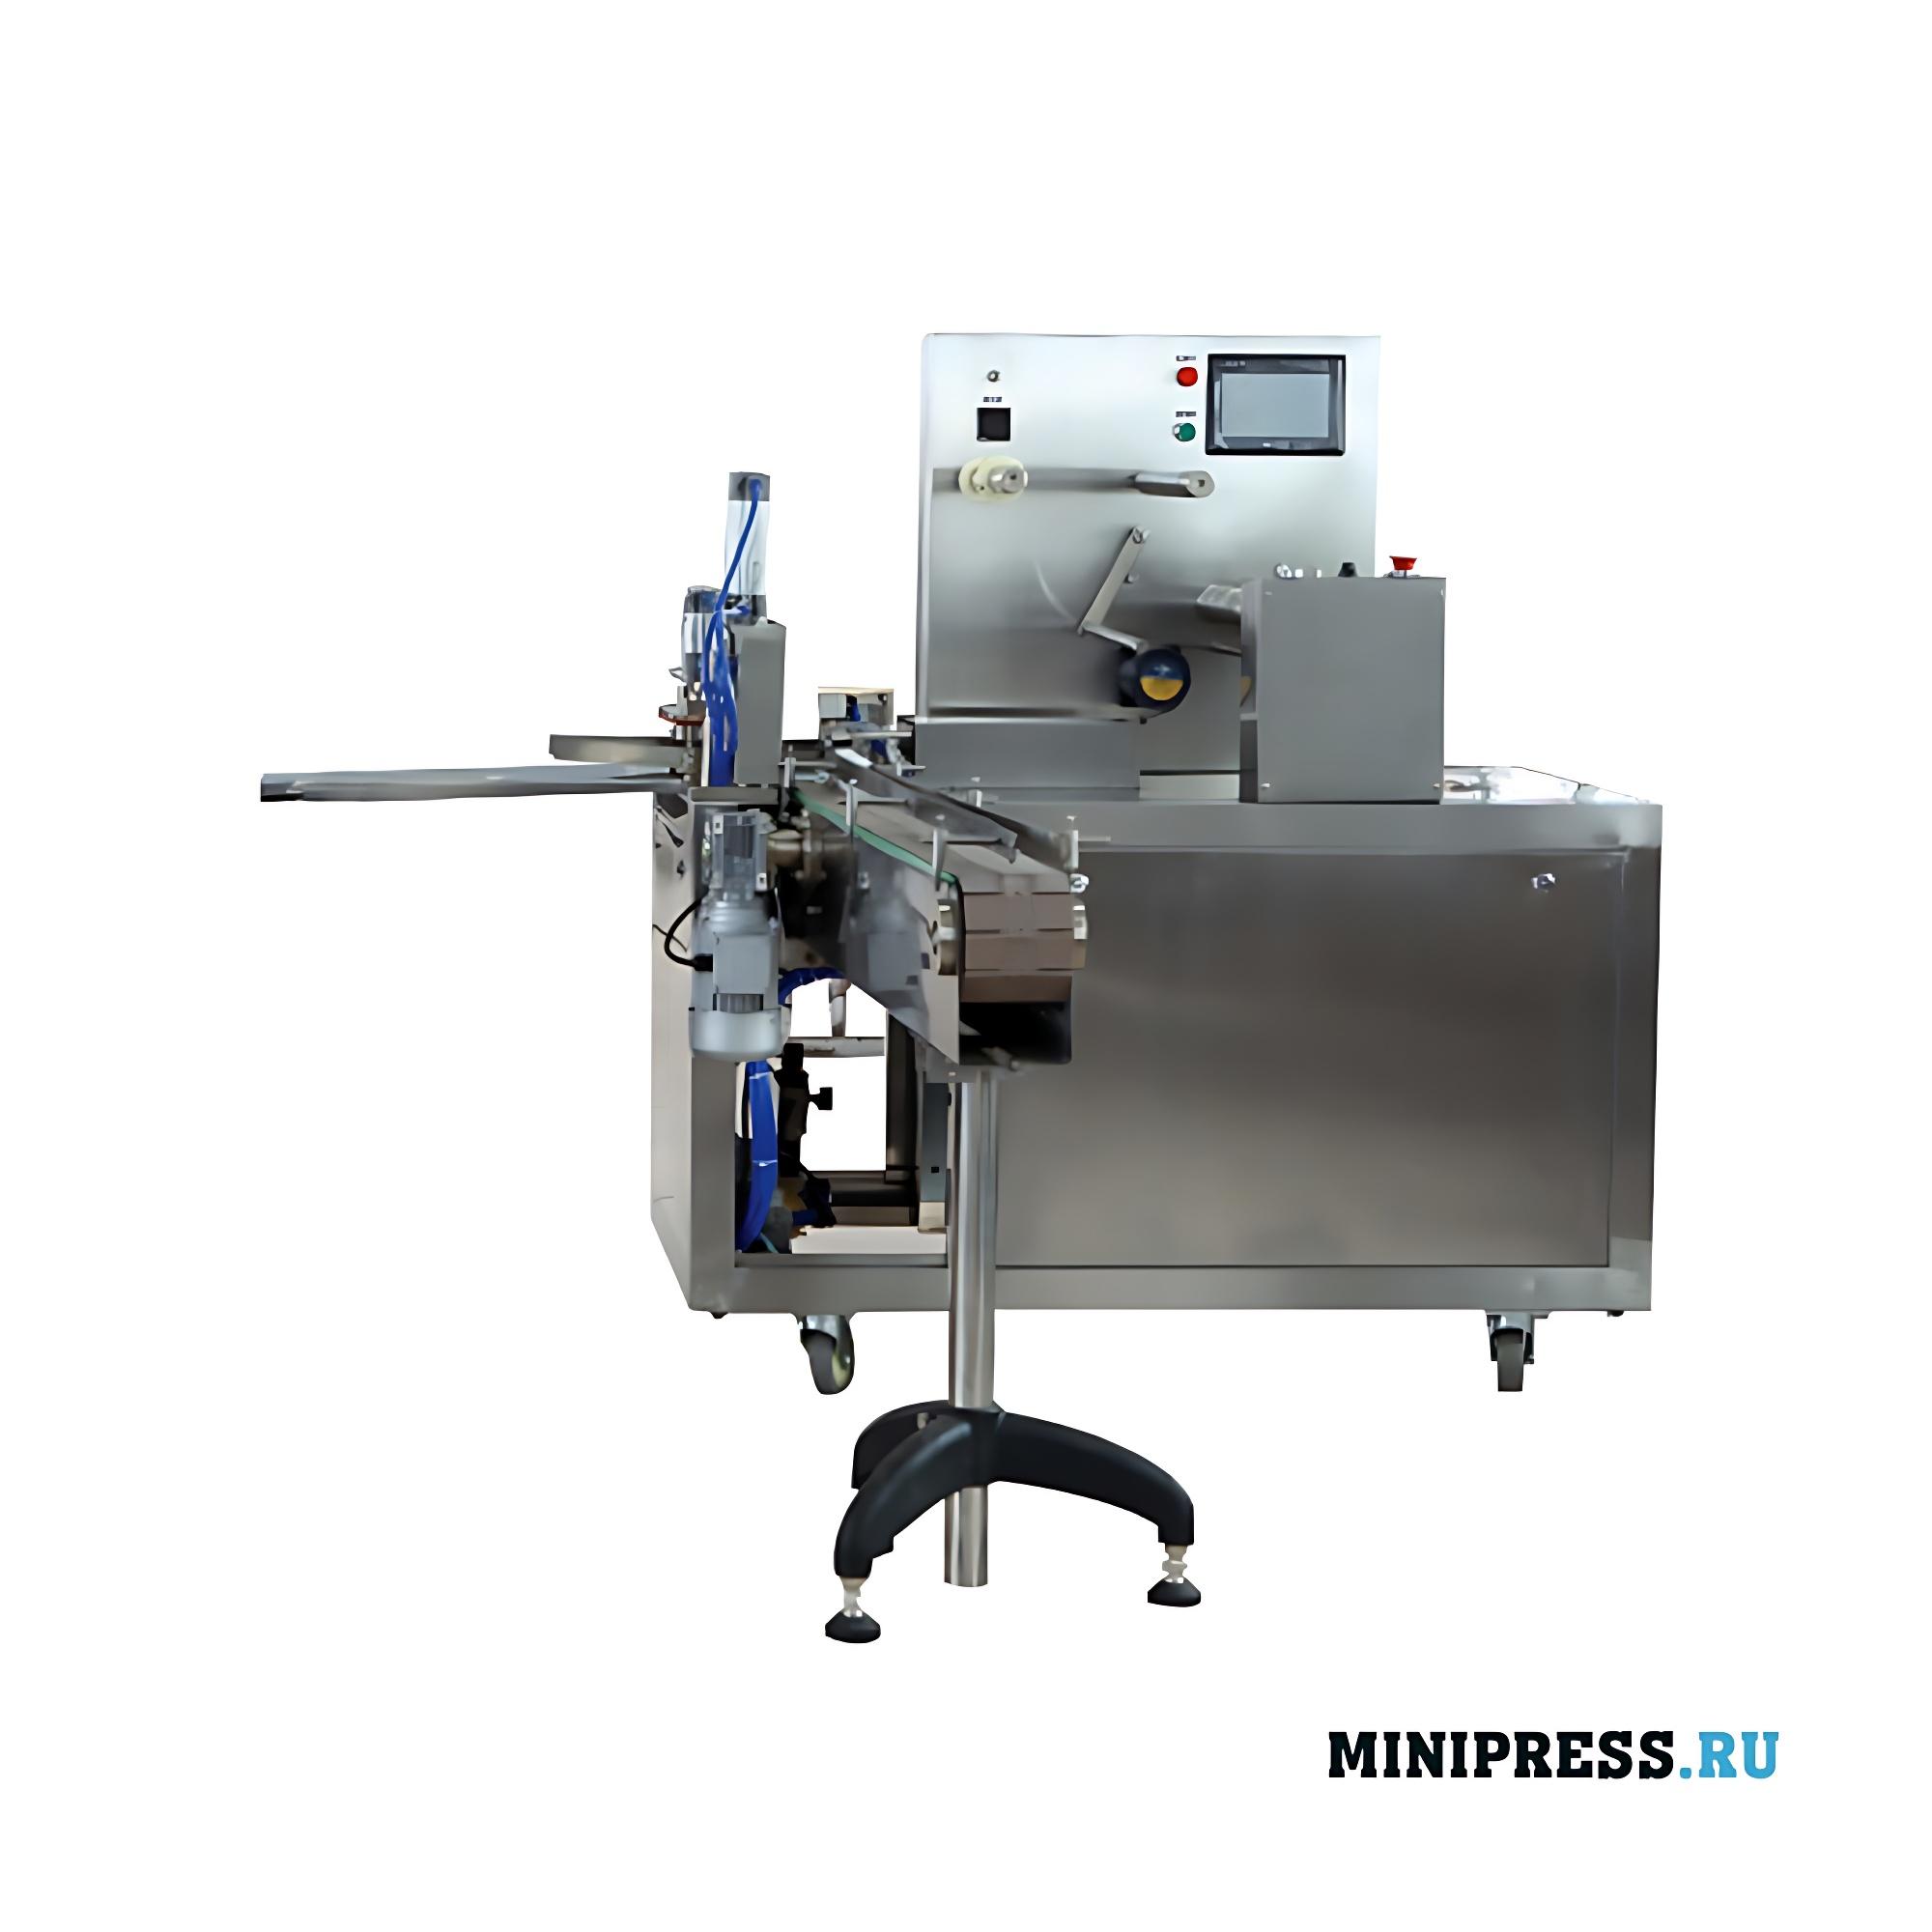 Мультифункциональное запаивающе-режущее термоусадочное оборудование